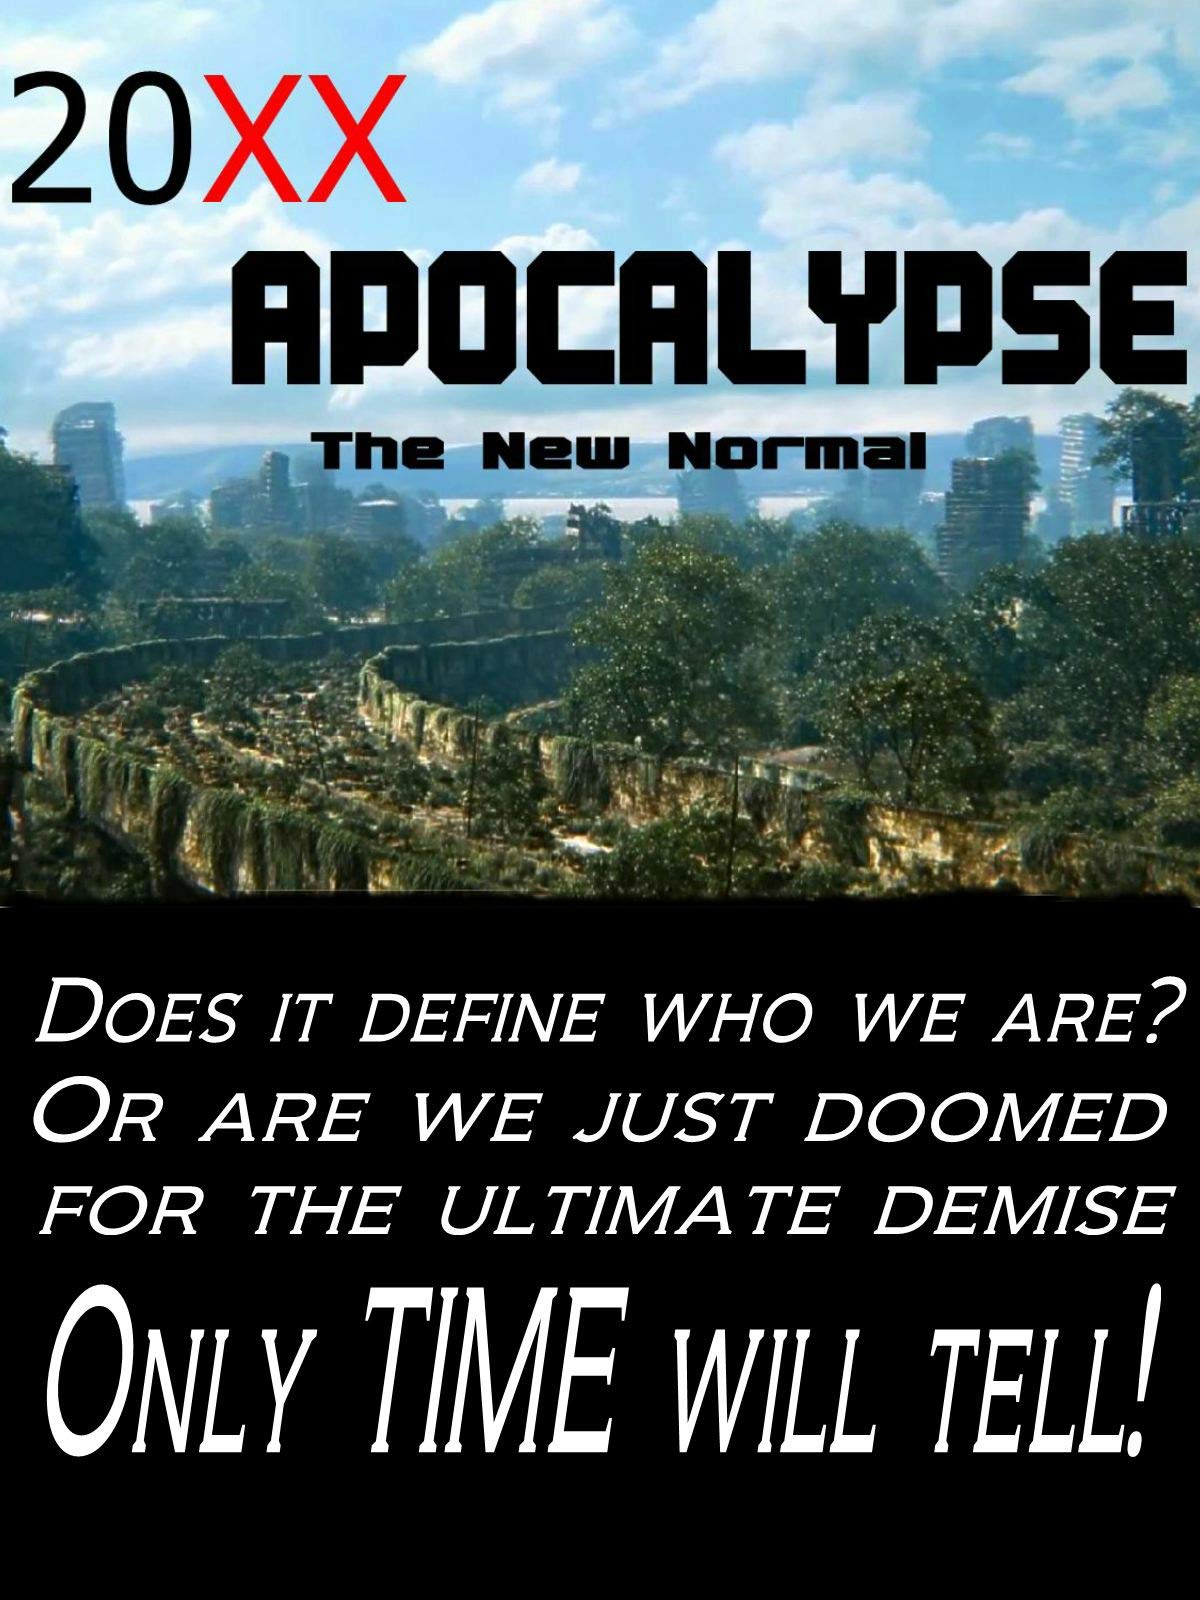 20XX  Apocalypse The New Normal